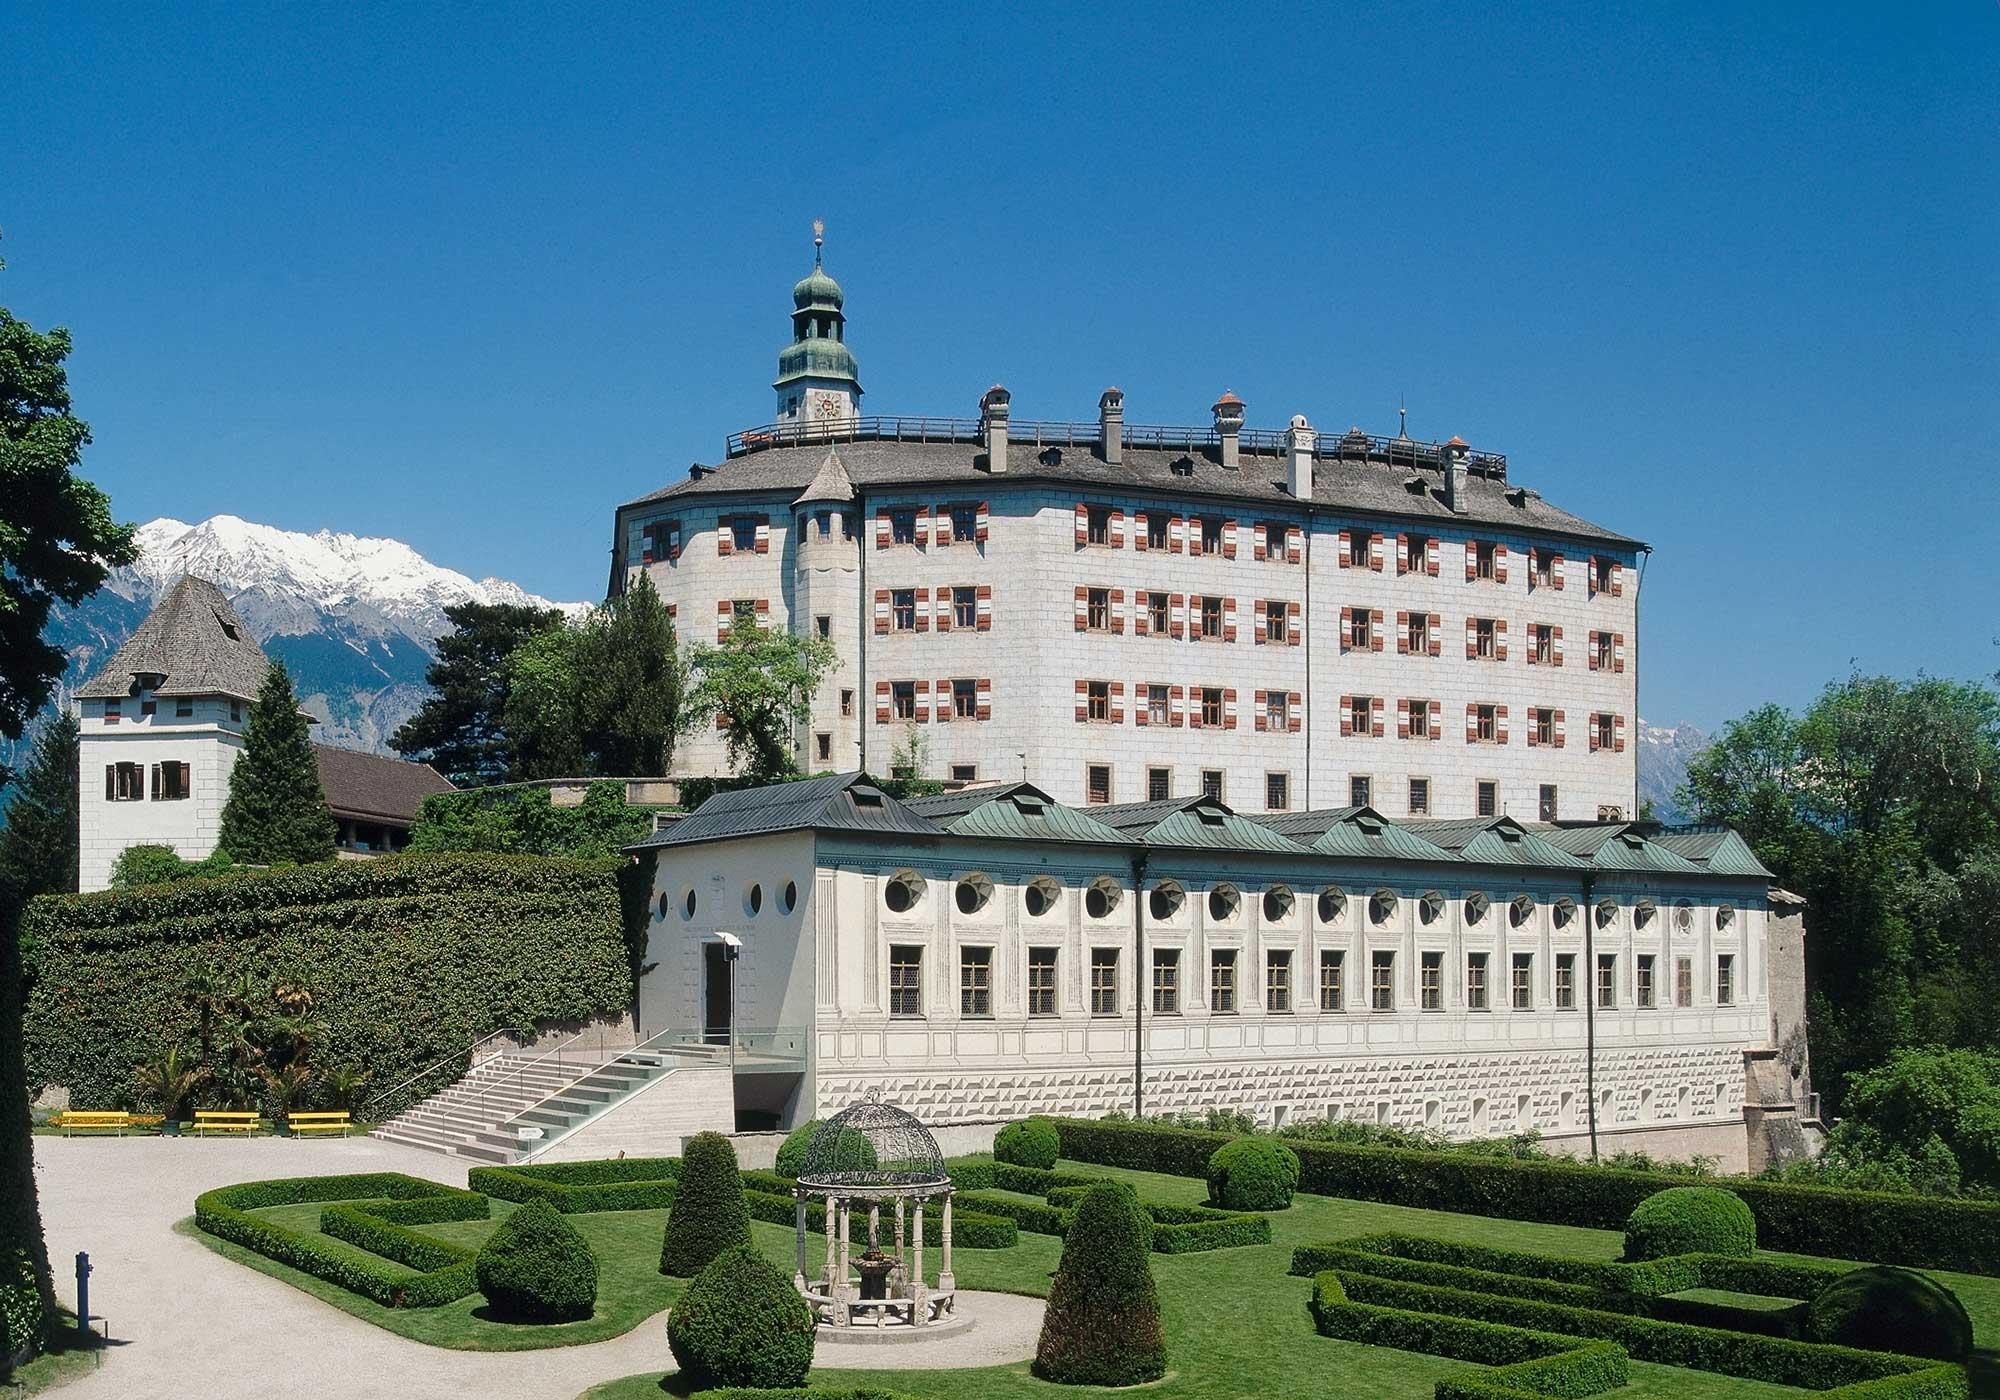 Schloss Ambras Innsbruck Hochschloss web